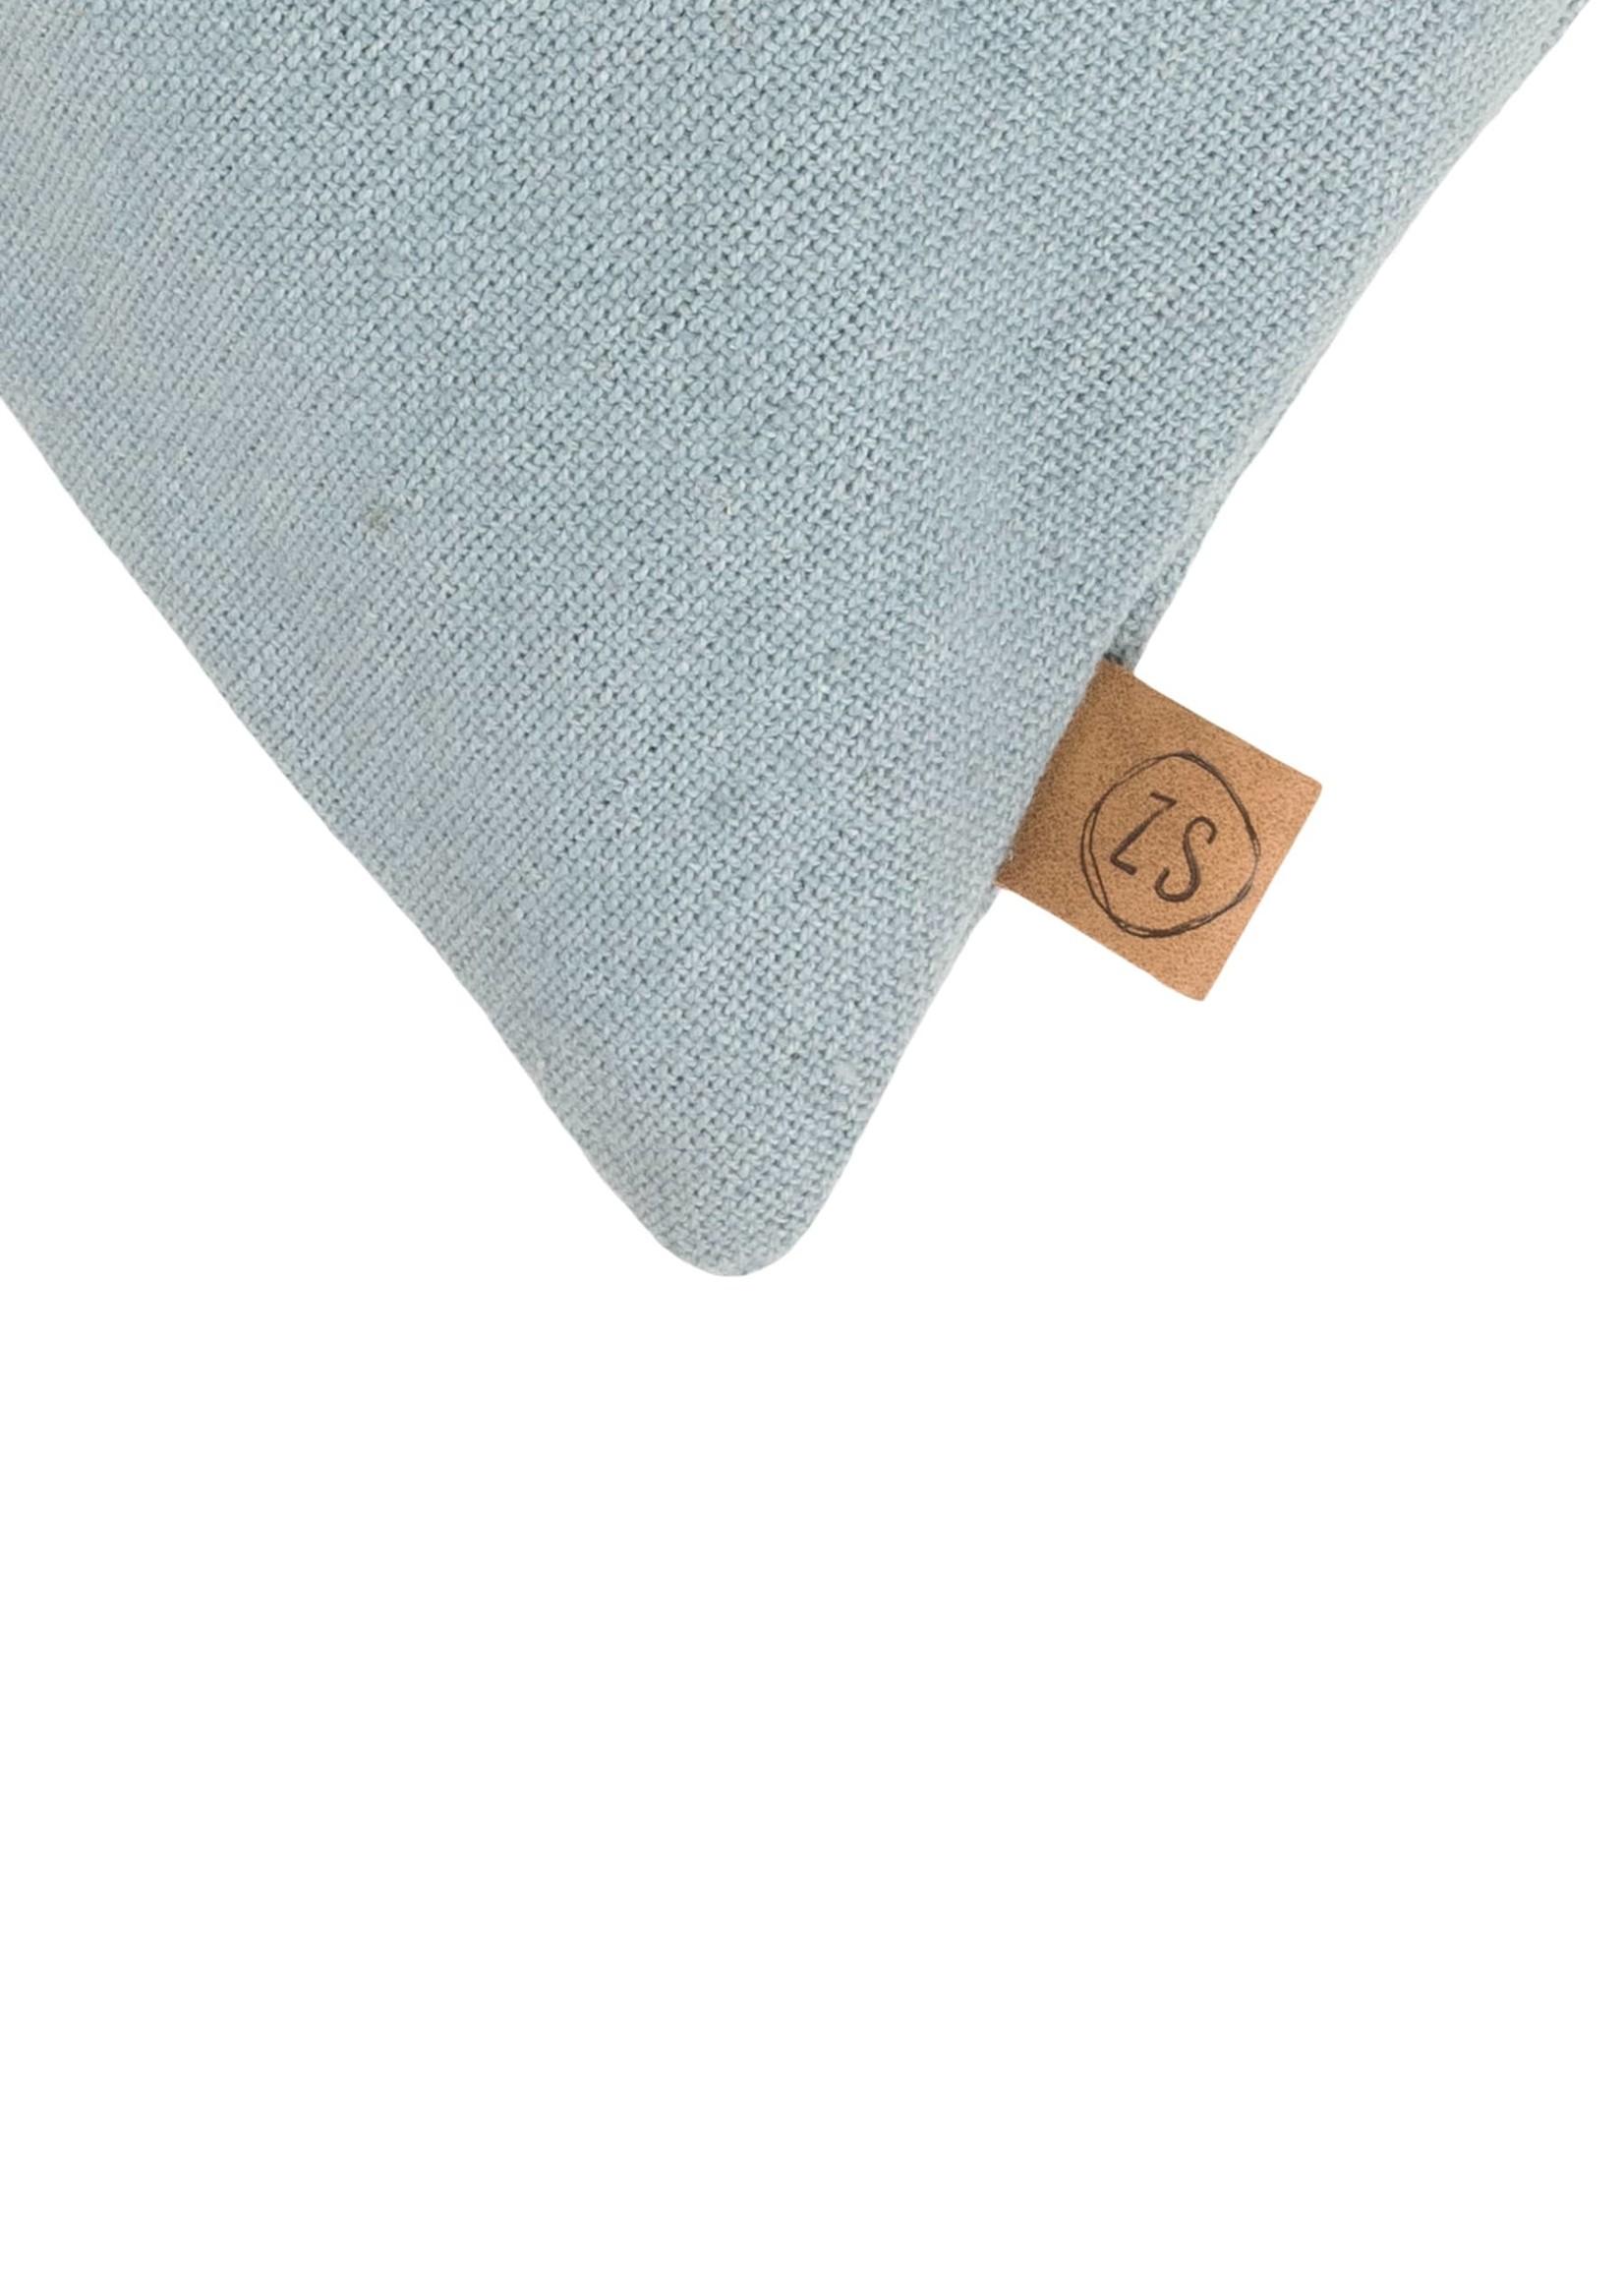 ZUSSS kussen takje 45x45cm grijs-blauw